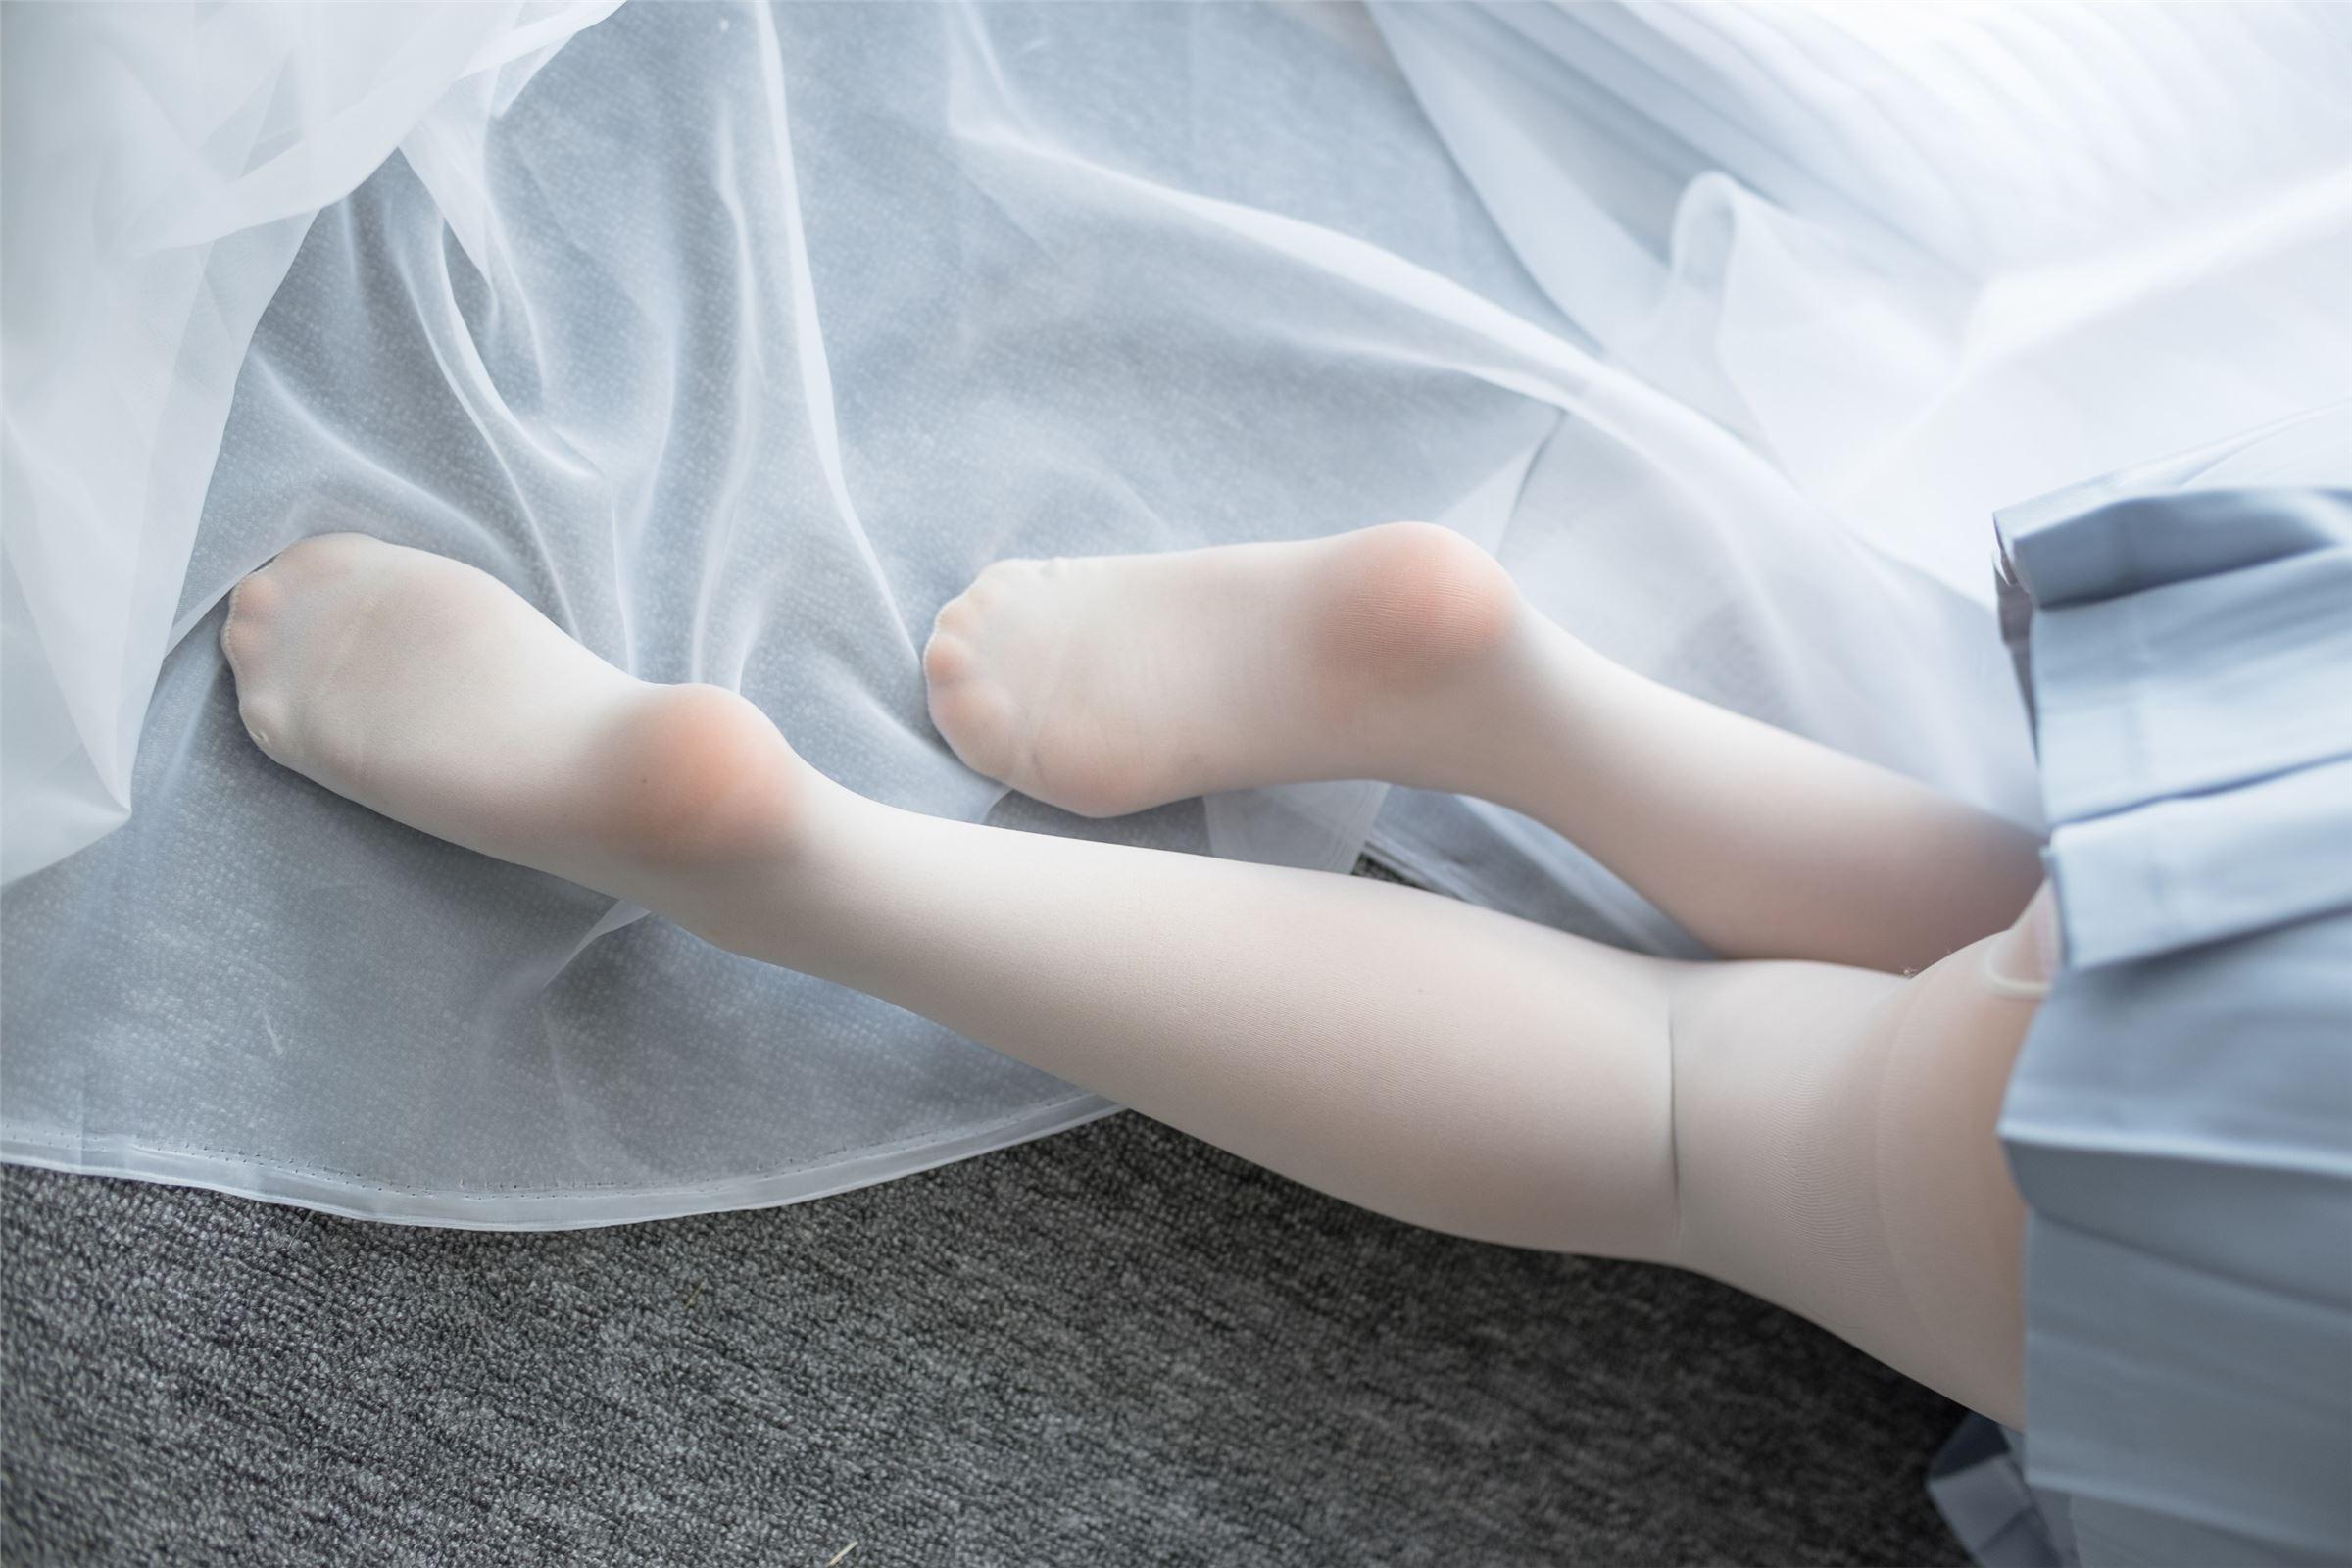 森萝财团写真 - R15-027  完美丝足